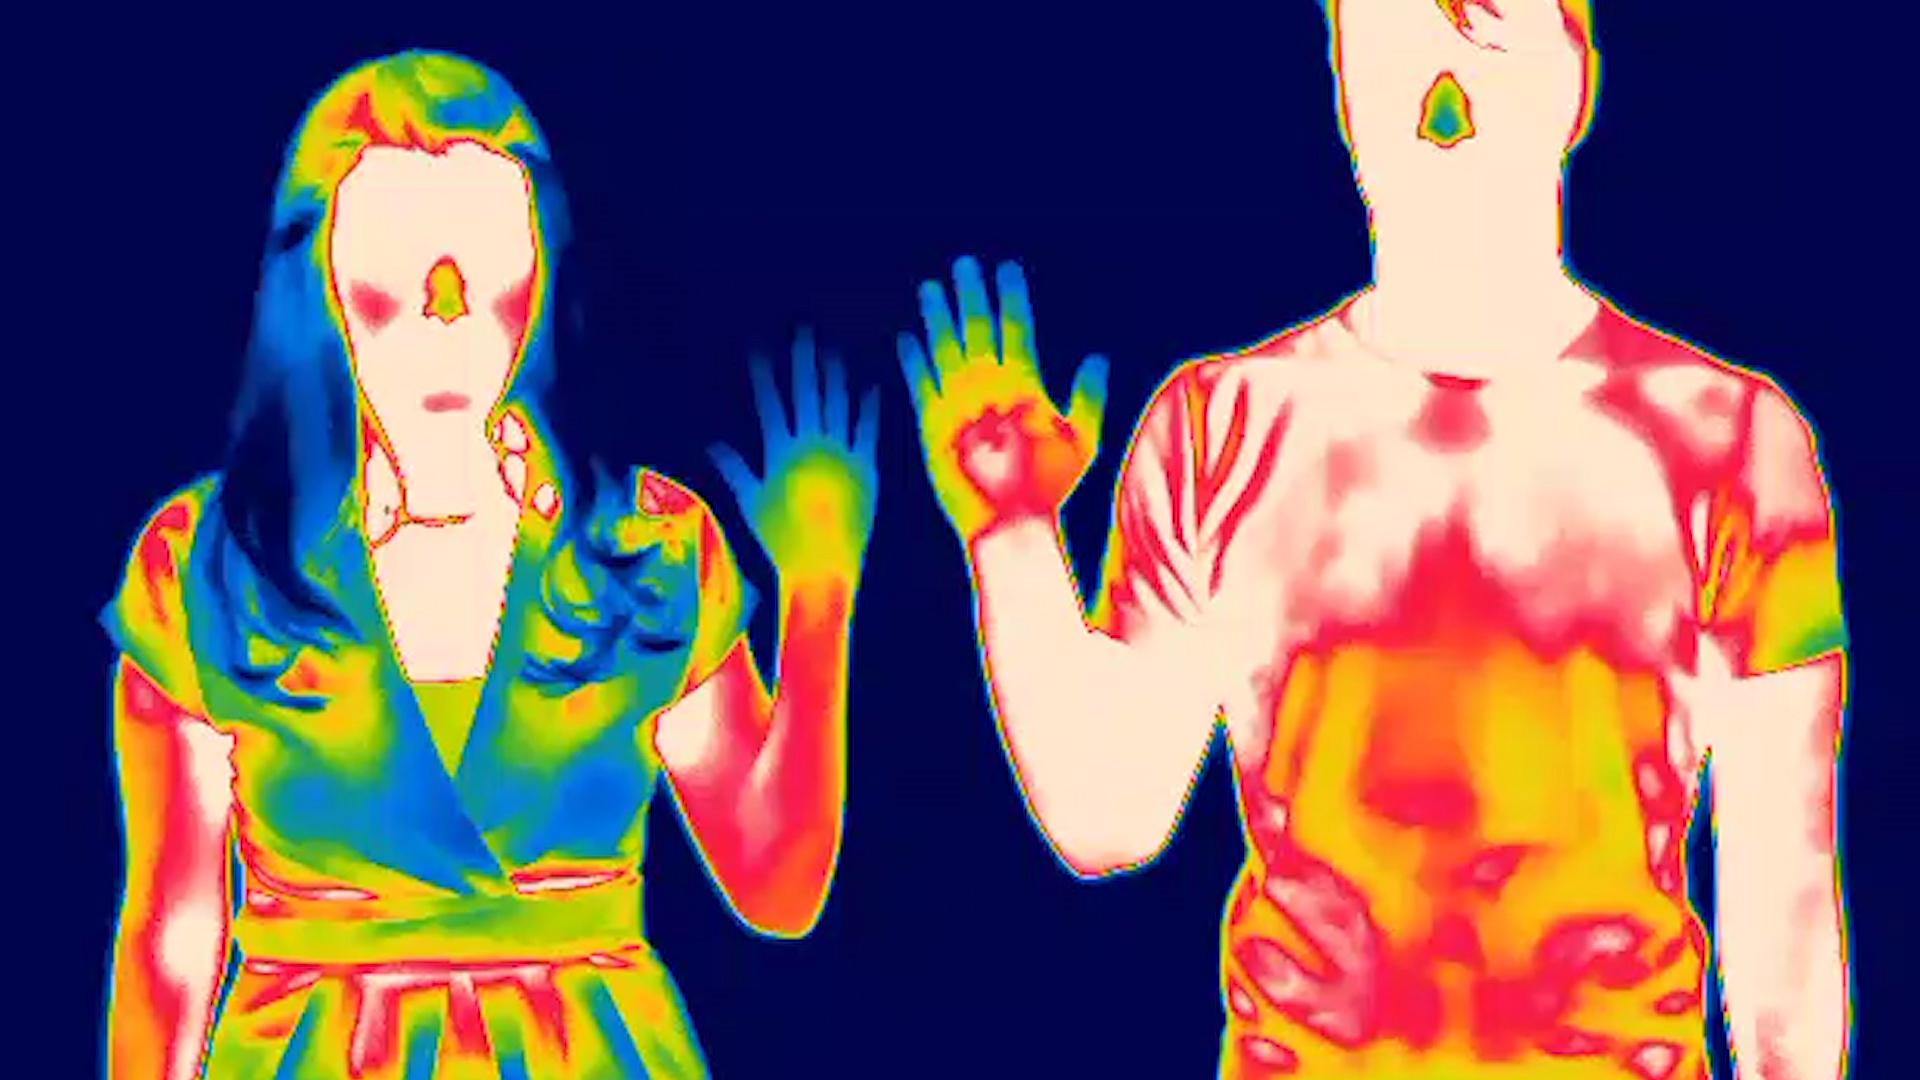 تصویربرداری حرارتی چگونه عمل می کند